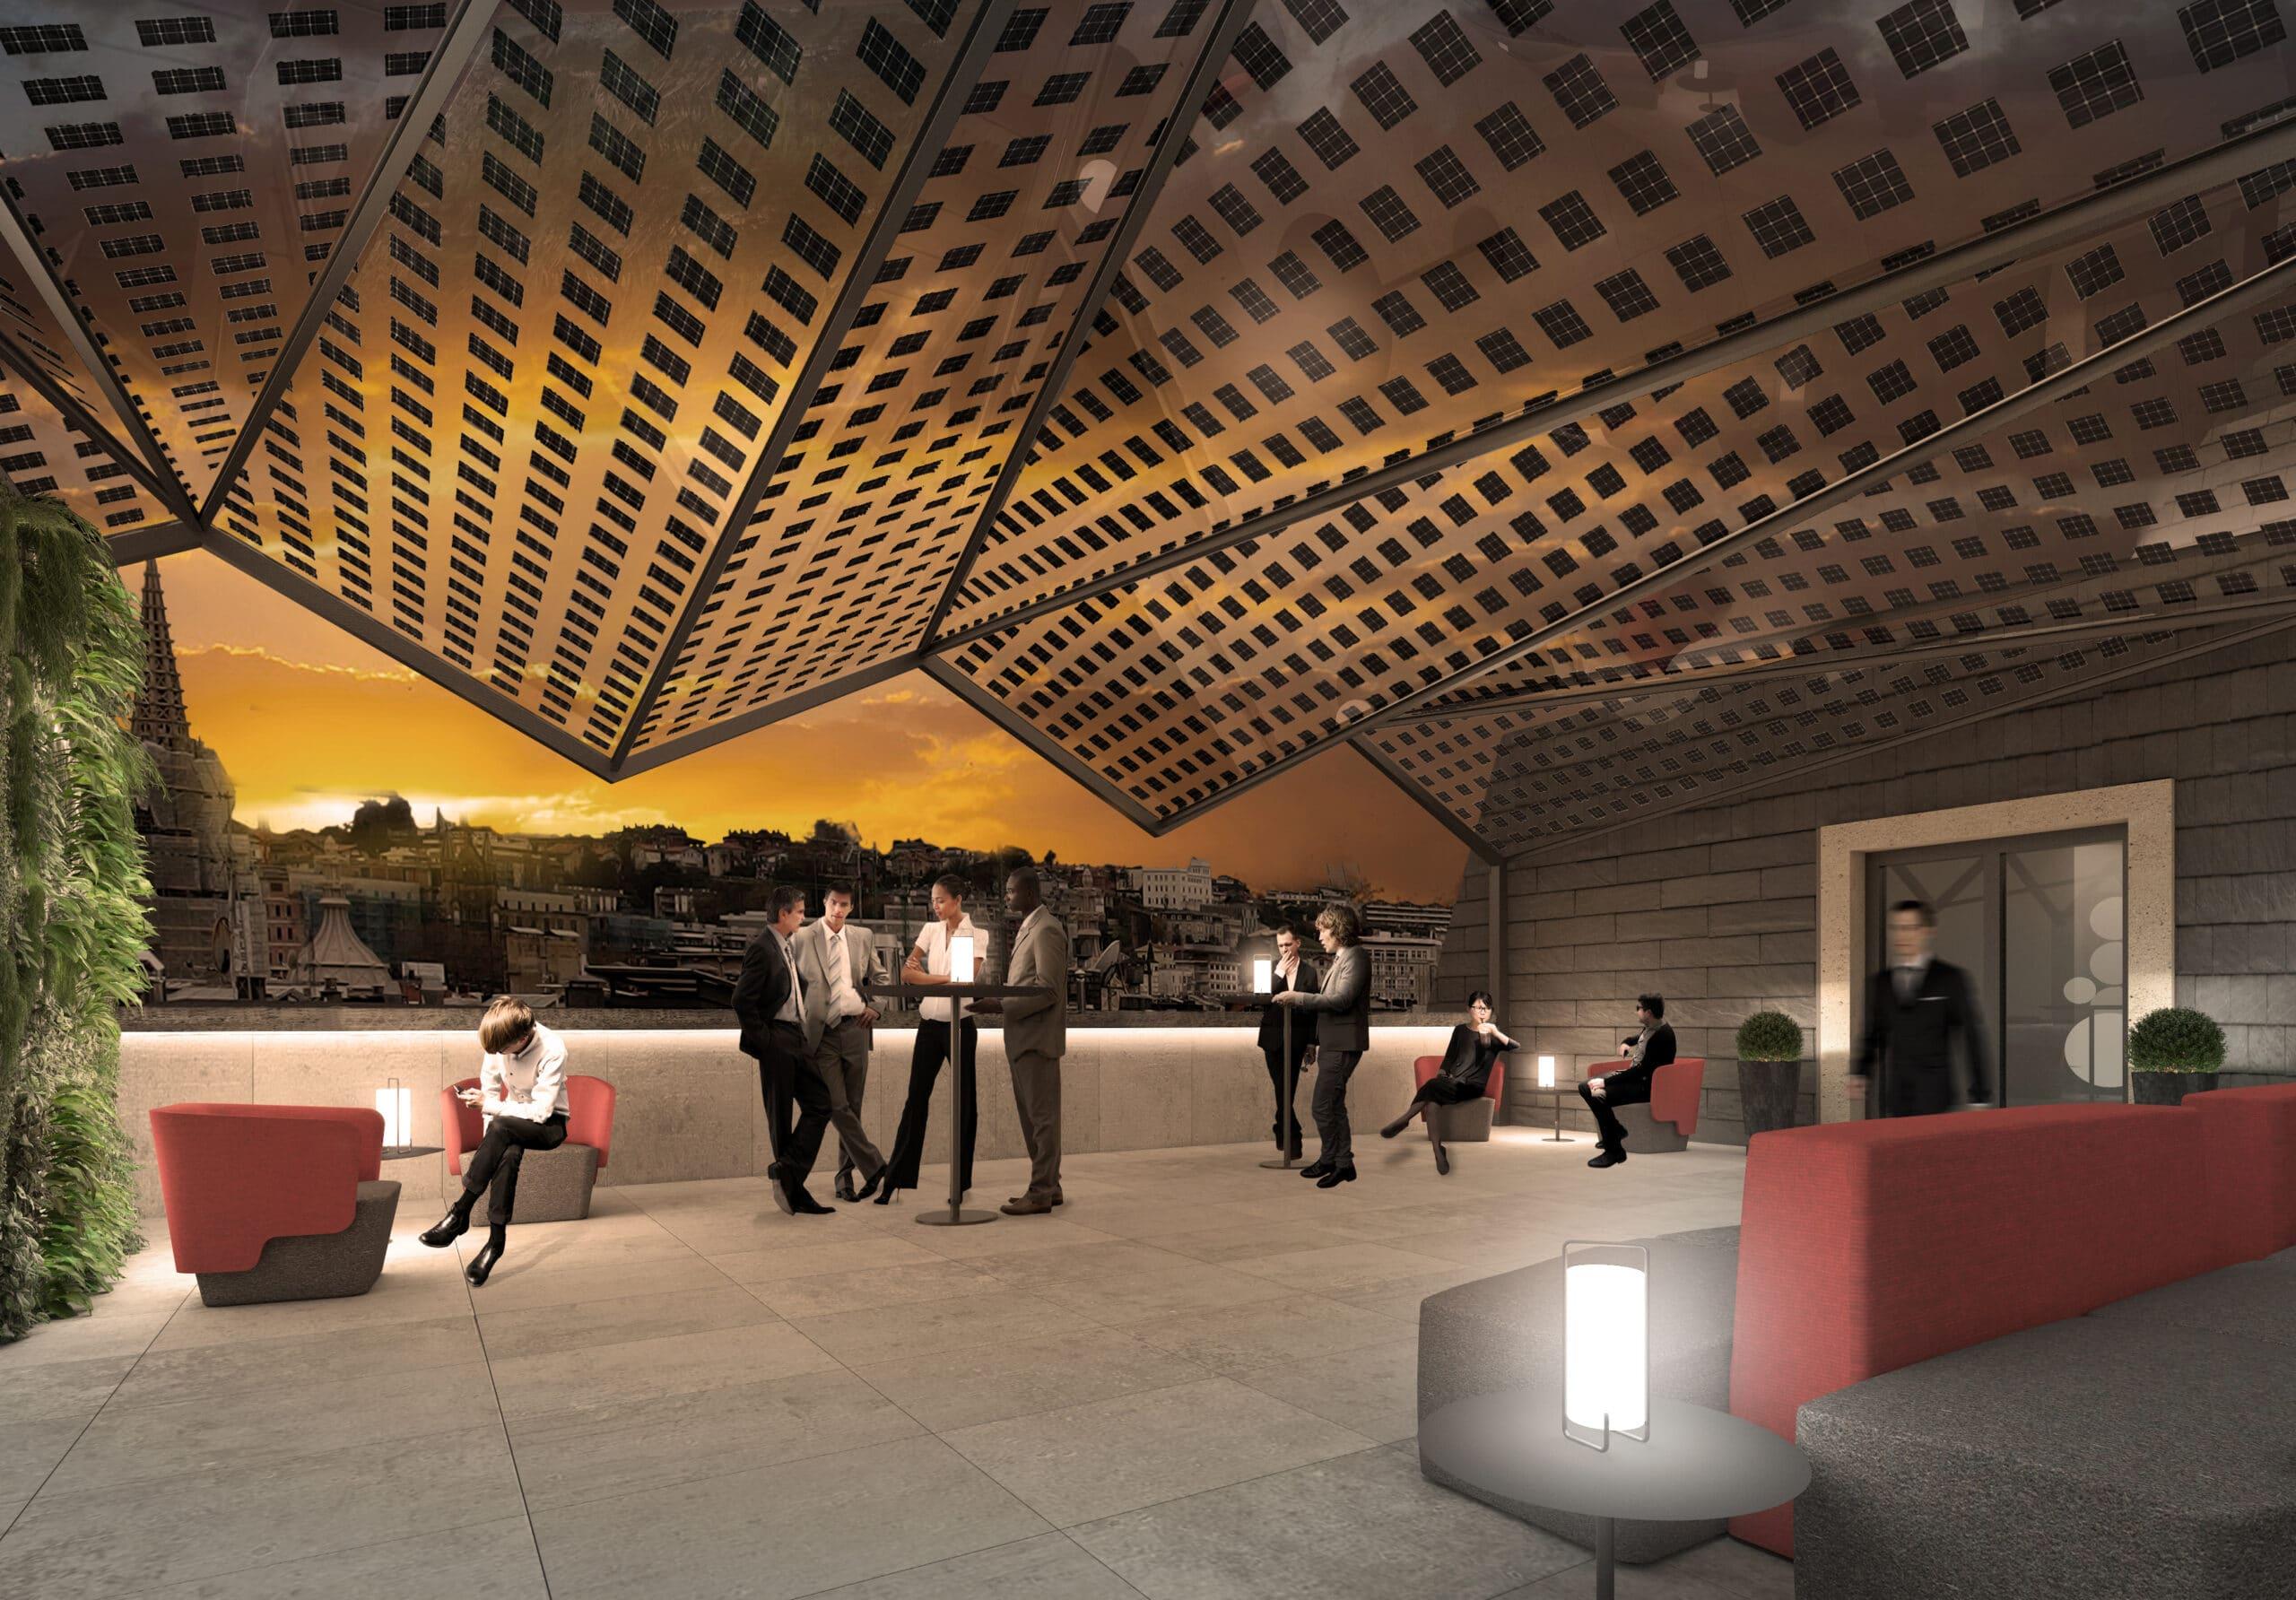 Olaia Pozueta, alumni de Creanavarra y diseñadora en el Estudio 'Barru arkitektura'